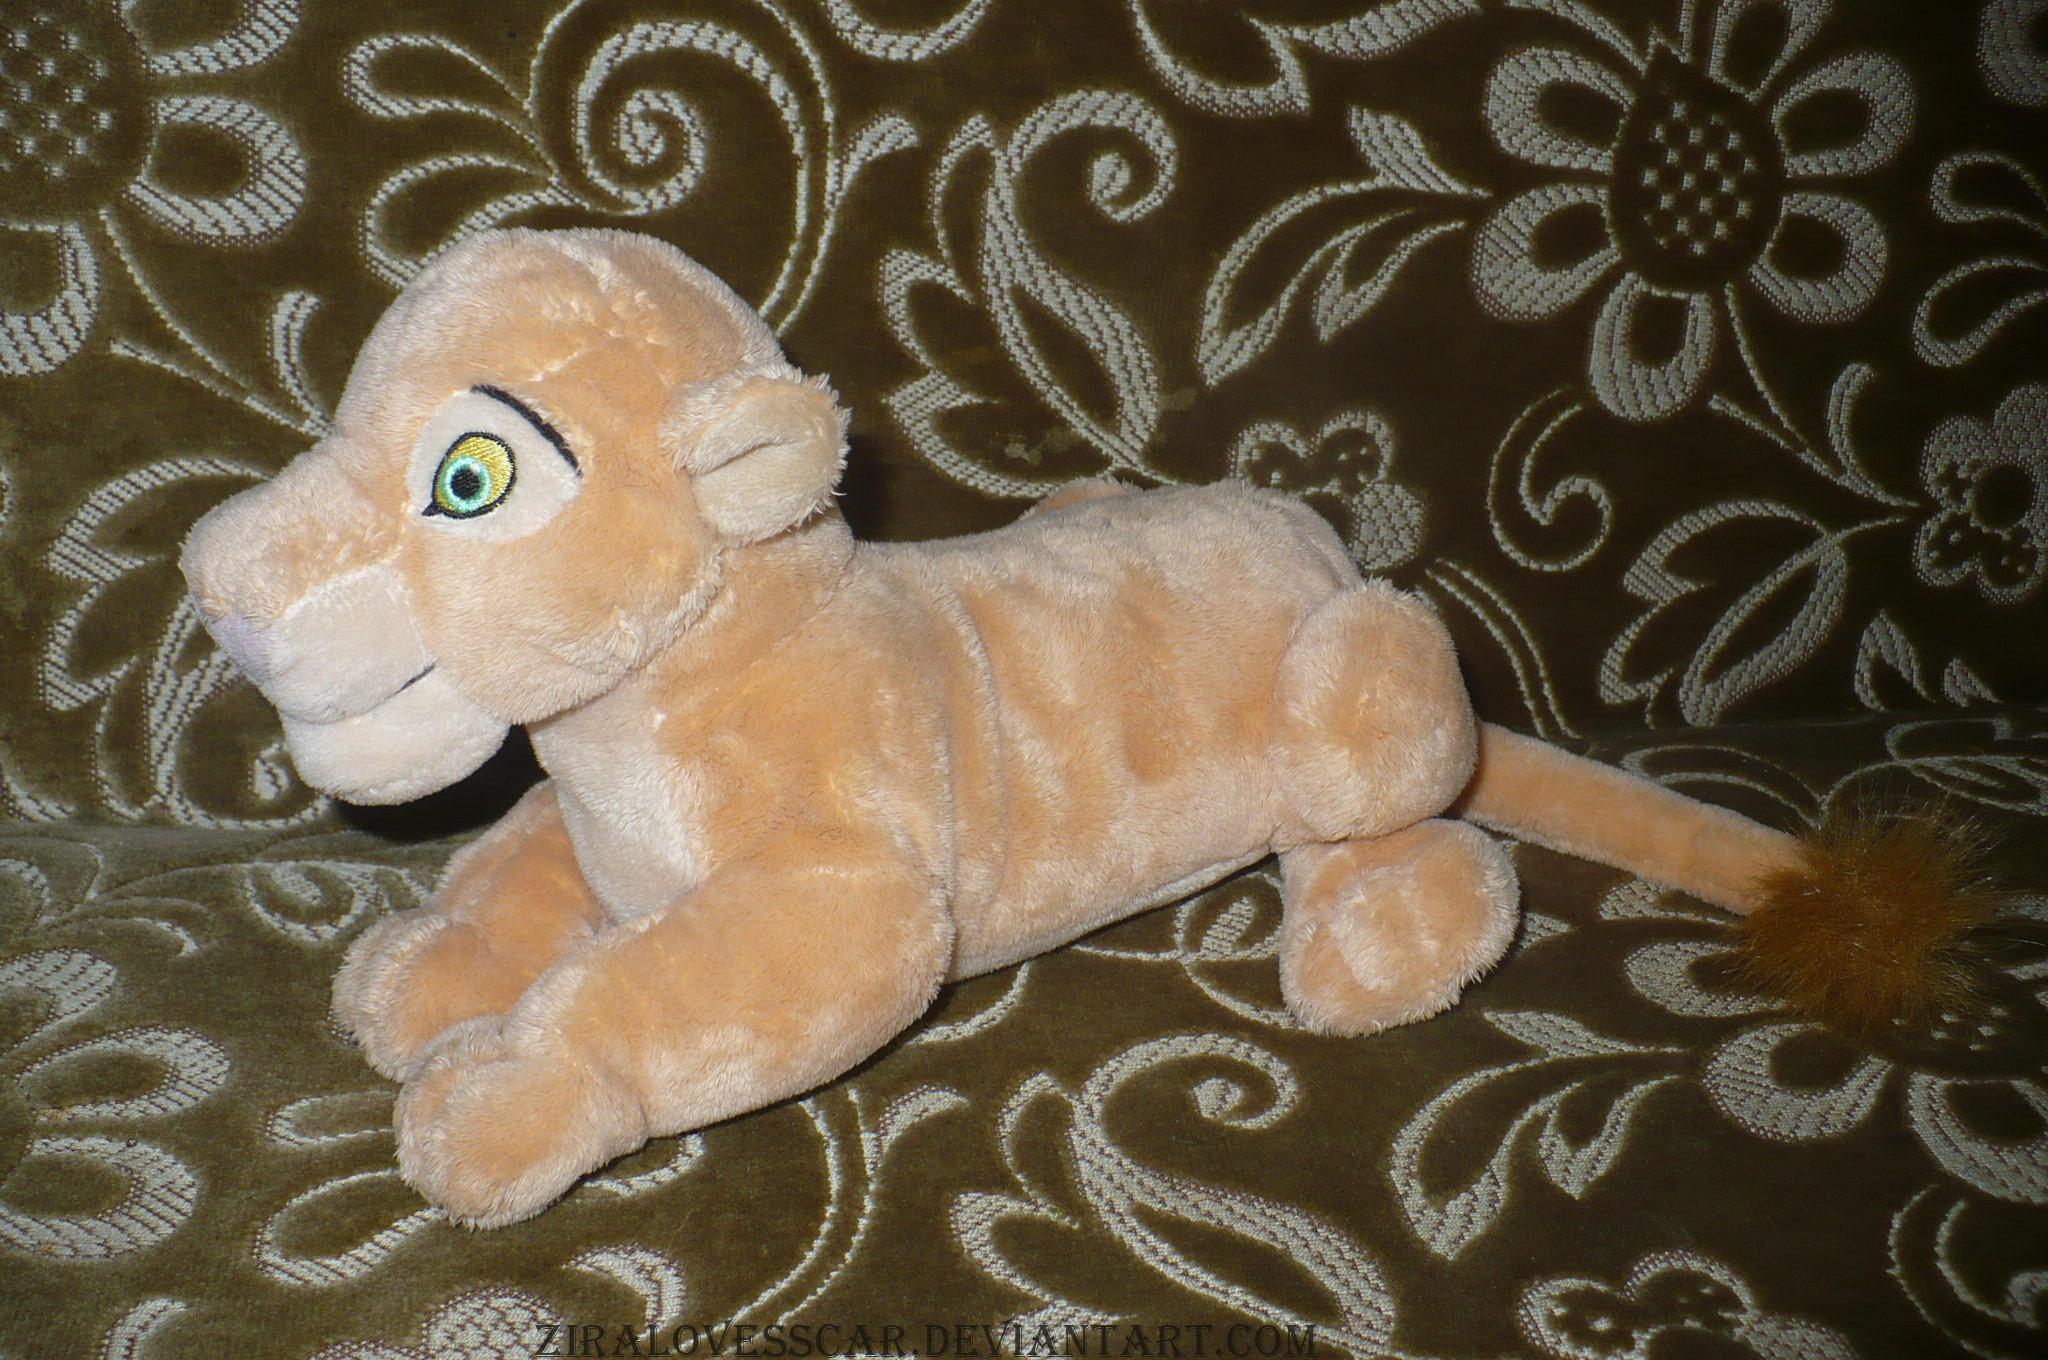 Nala Stuffed Animal Bean Bag By Ziralovesscar On Deviantart